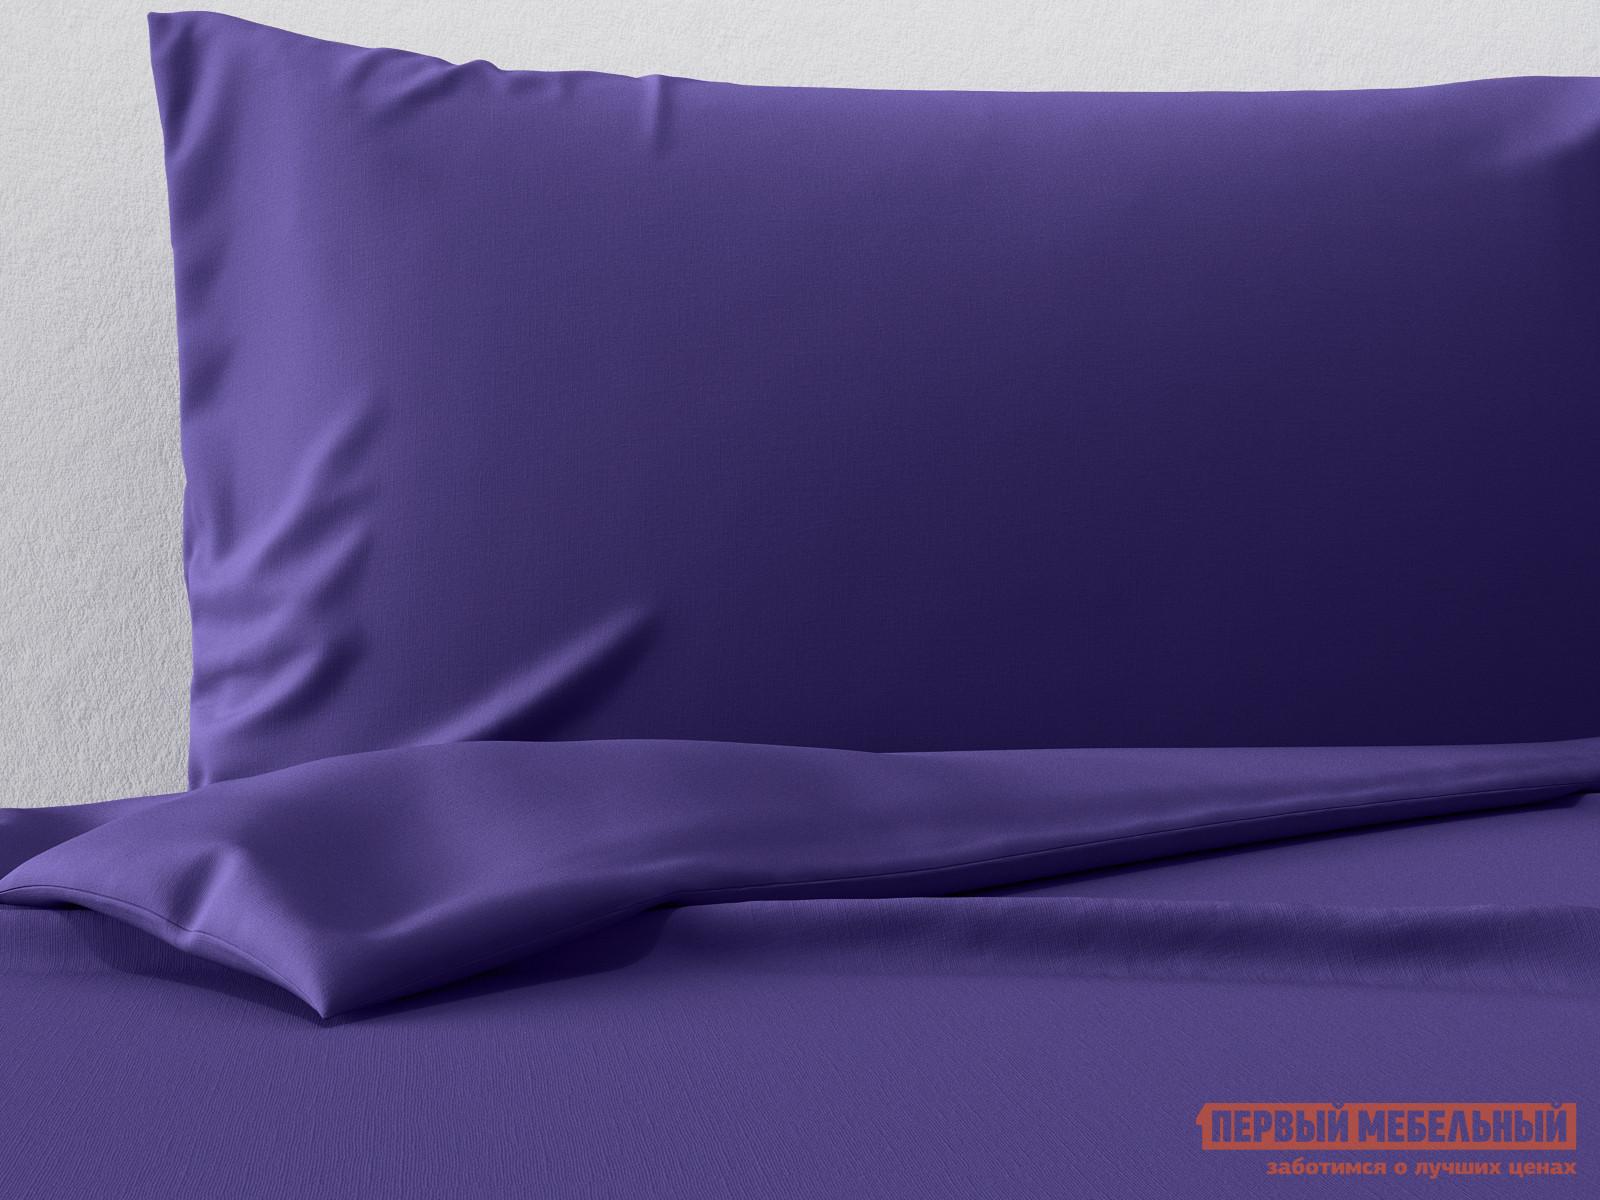 Фото - Комплект постельного белья Первый Мебельный КПБ сатин однотонный (фиолетовый ОСНОВА СНОВ) комплект постельного белья первый мебельный кпб сатин основа снов